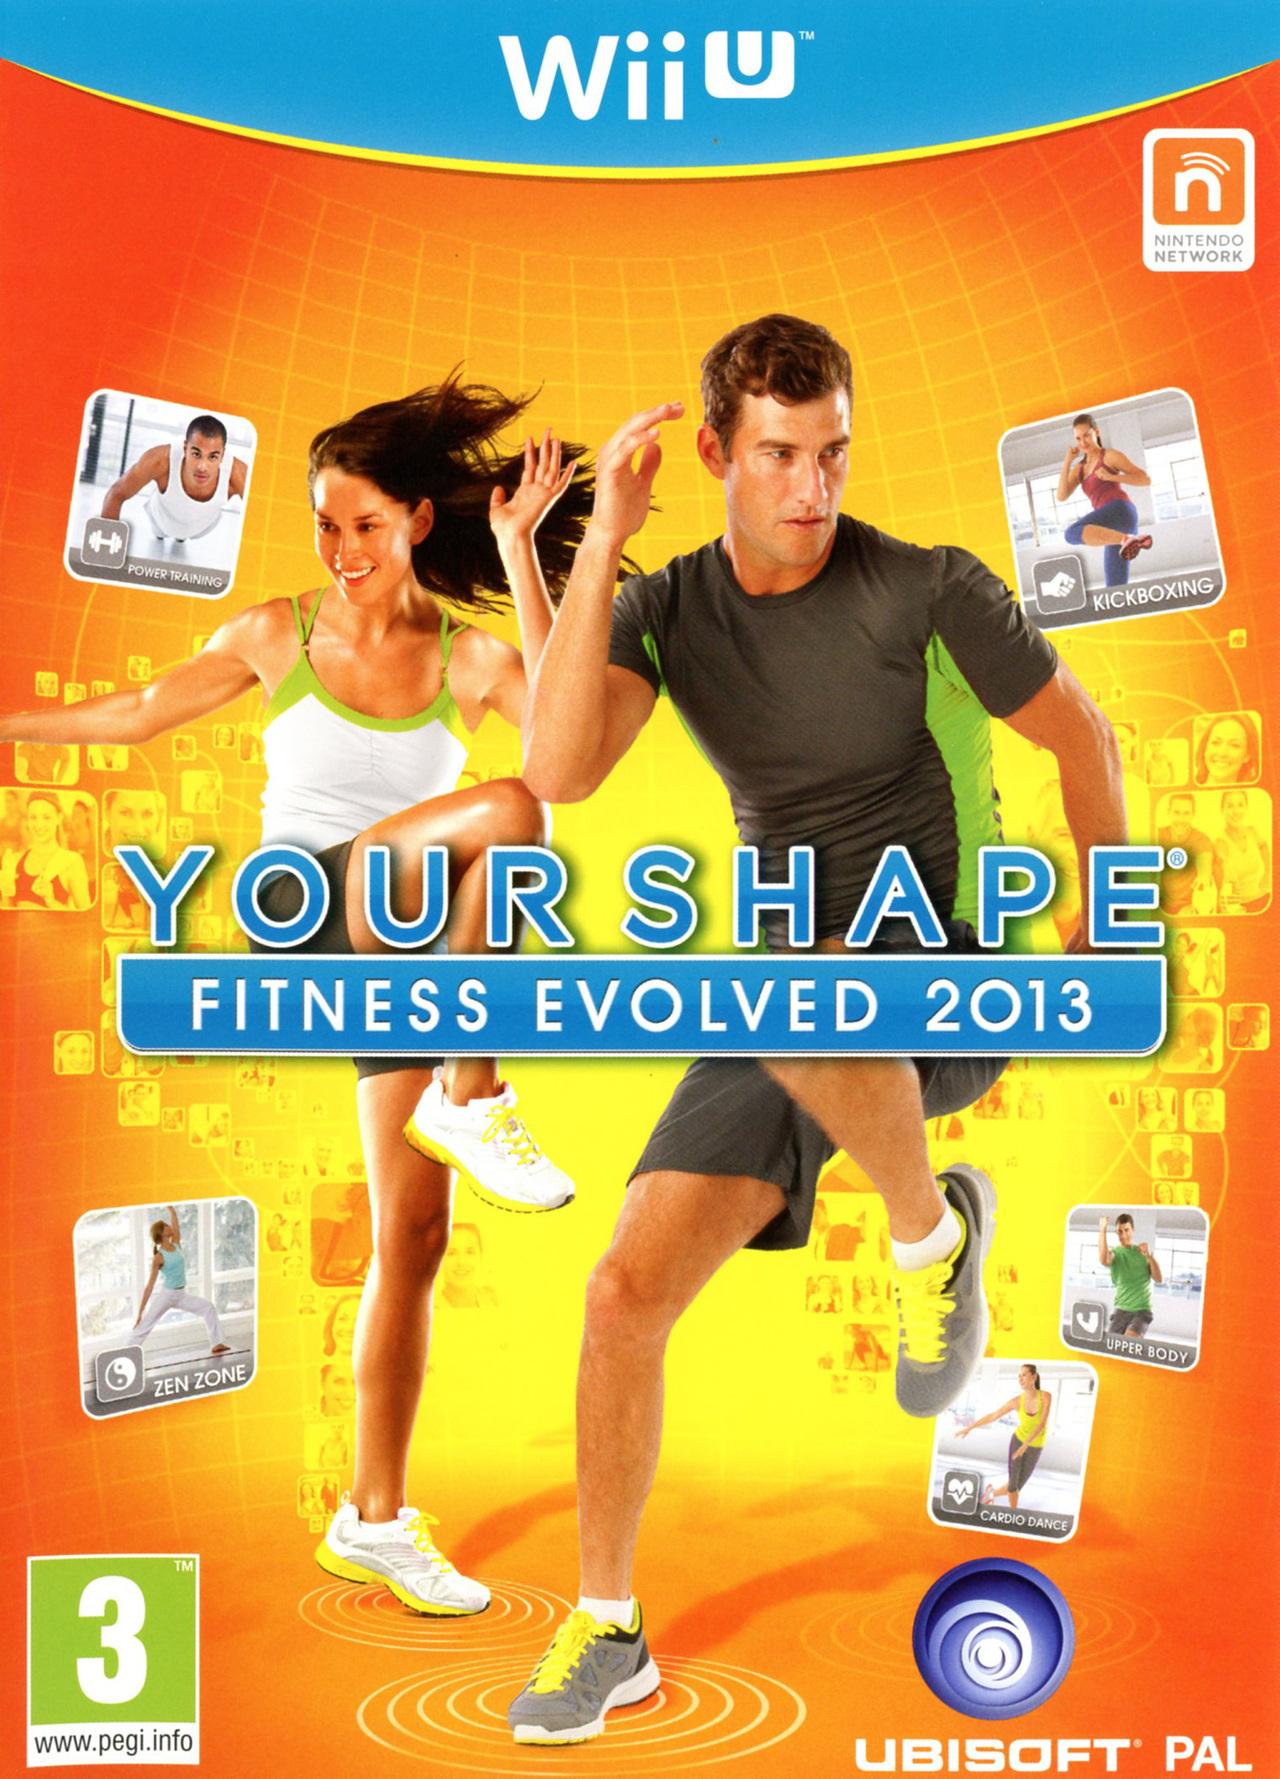 jeux vid o your shape fitness evolved 2013 wii u d 39 occasion. Black Bedroom Furniture Sets. Home Design Ideas